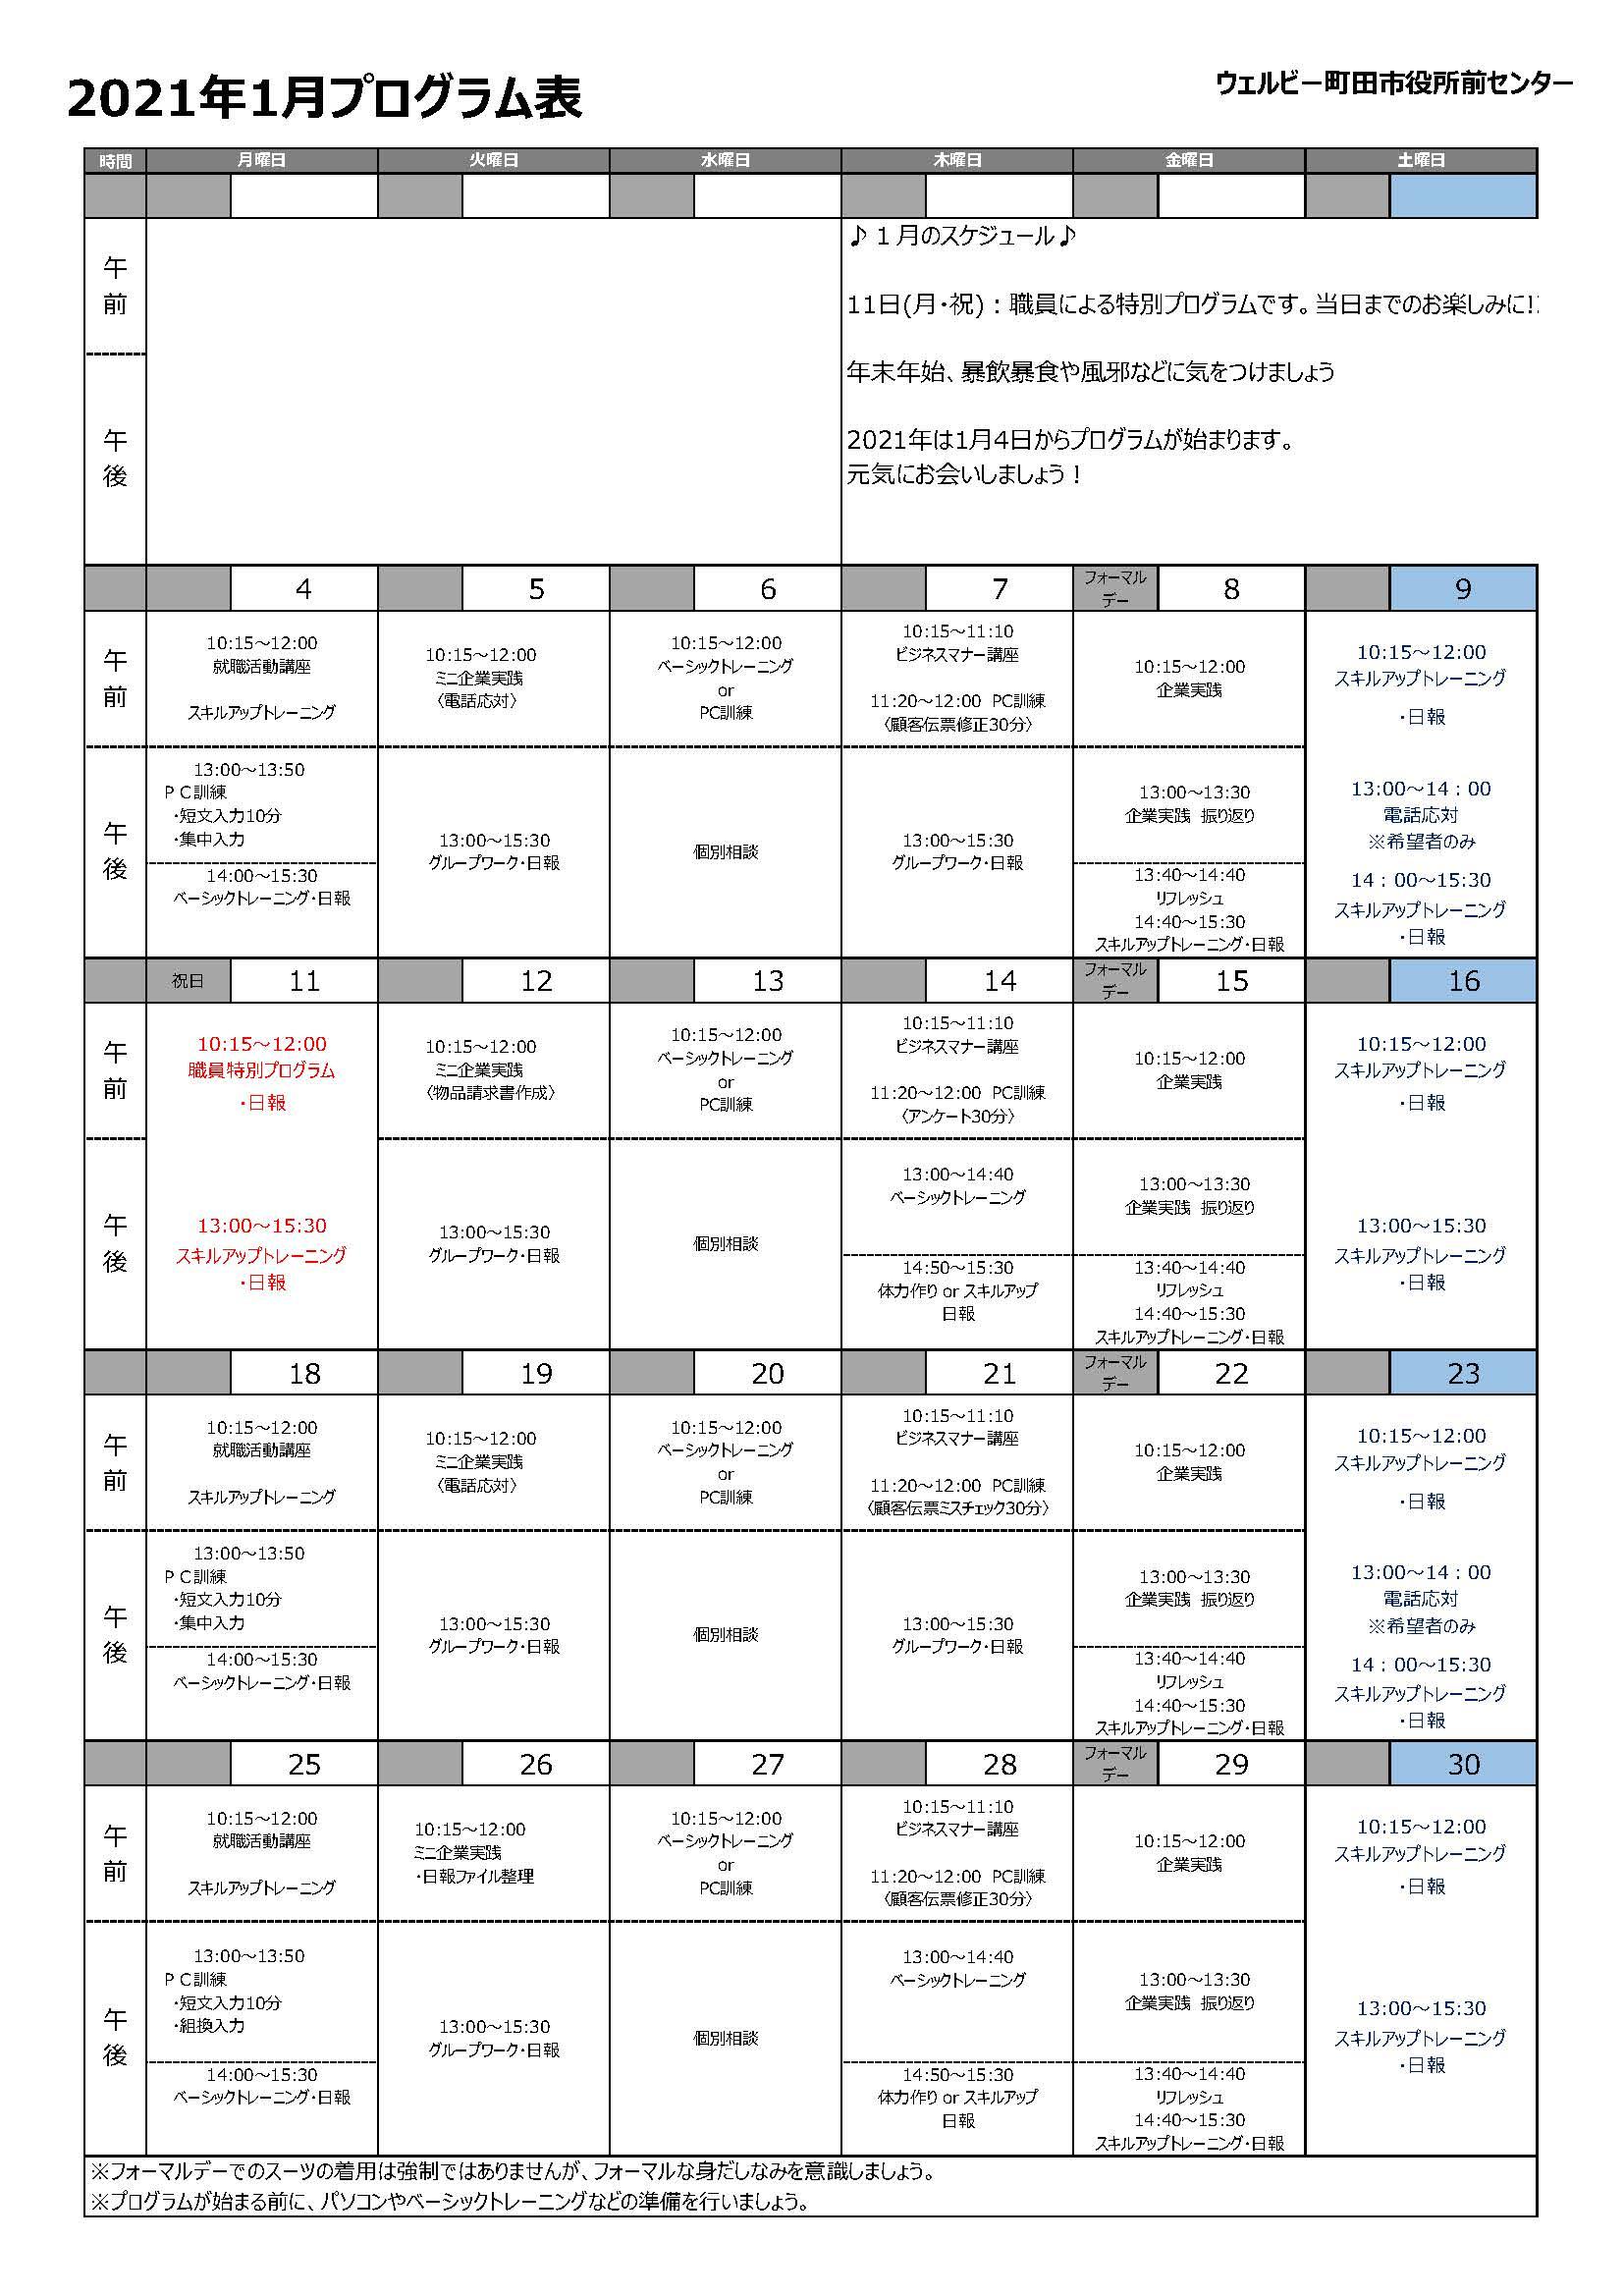 【町田市役所前】1月プログラム表修正版